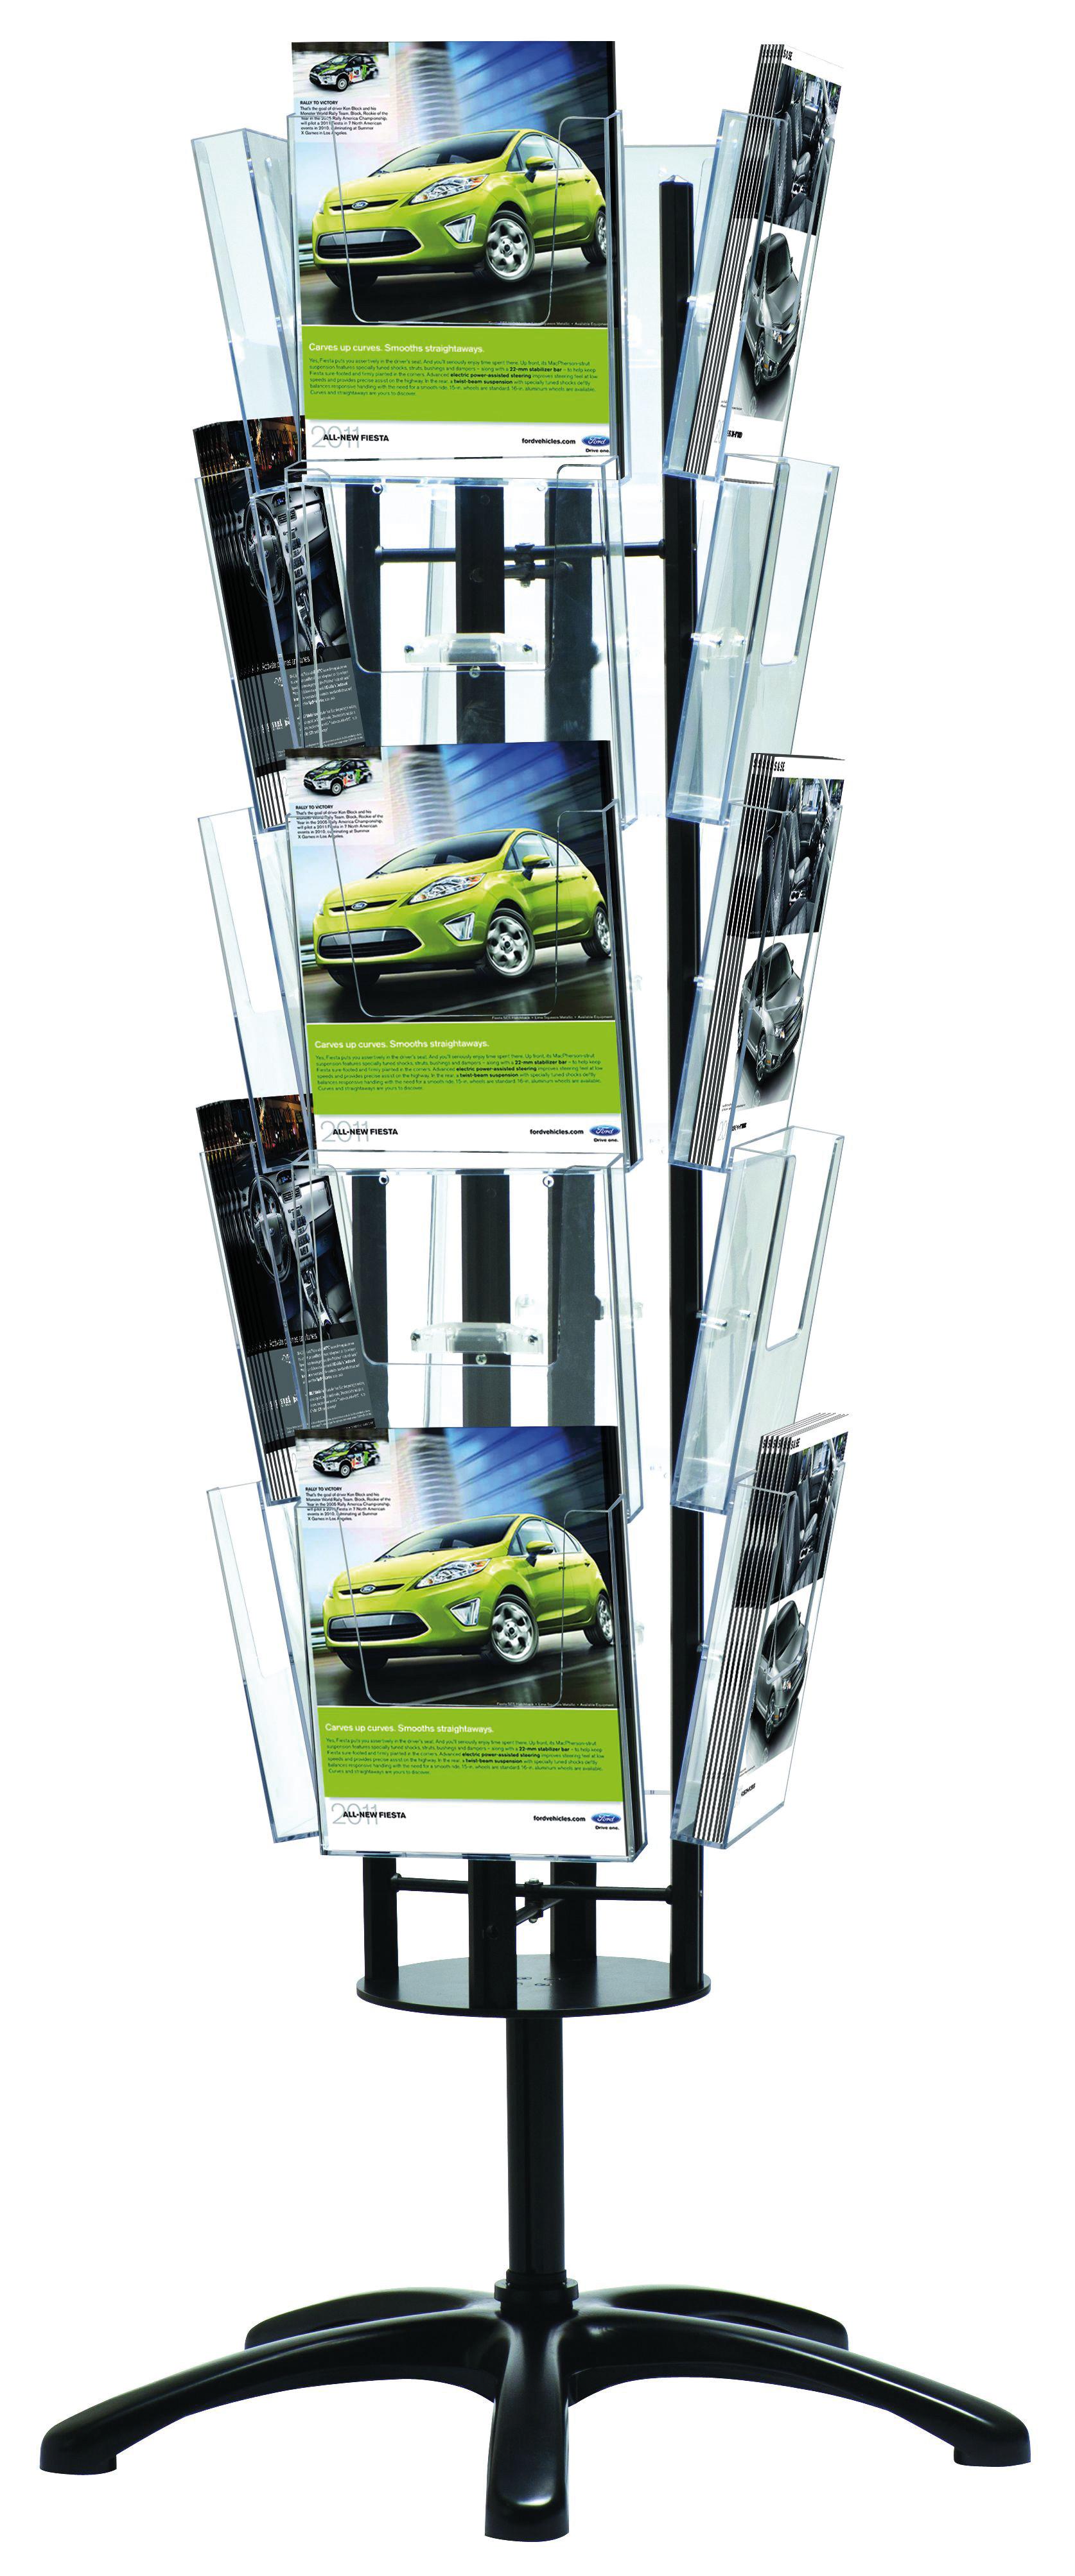 Boden-Prospektständer Multiside, drehbar, schwarz, 20 x DIN A4